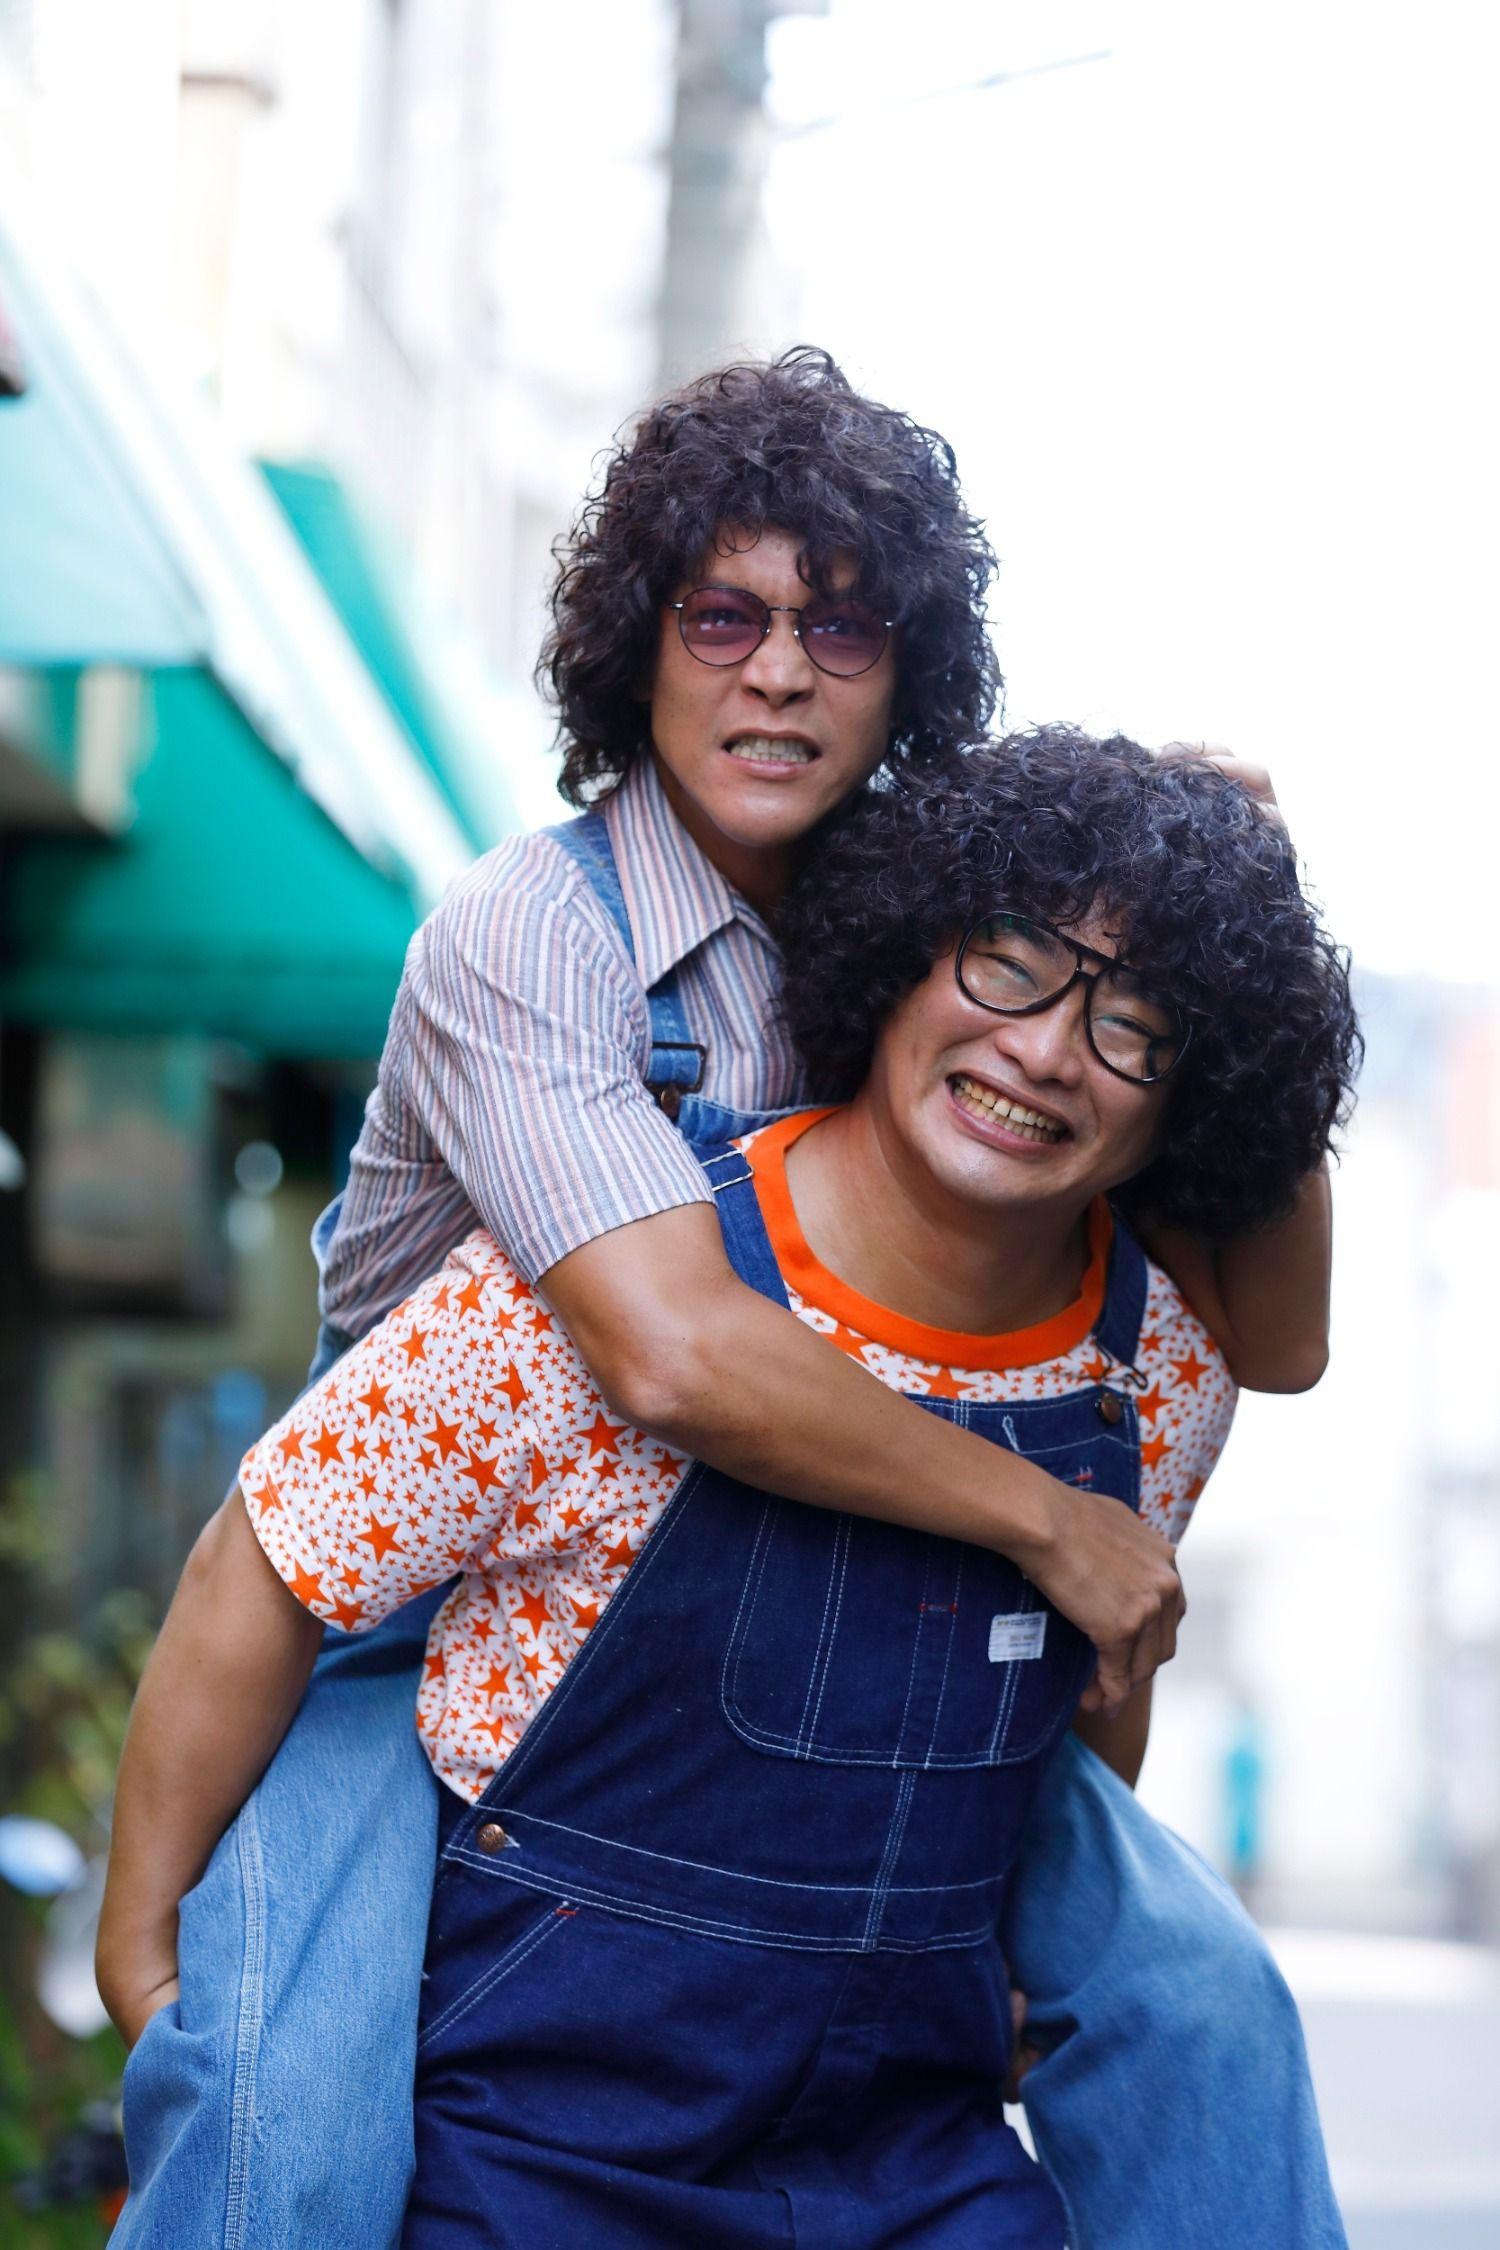 松尾諭さん、11月20日カンテレにて放送『なめとんか やしきたかじん誕生物語』(関西ローカル)で笑福亭鶴瓶役を演じます